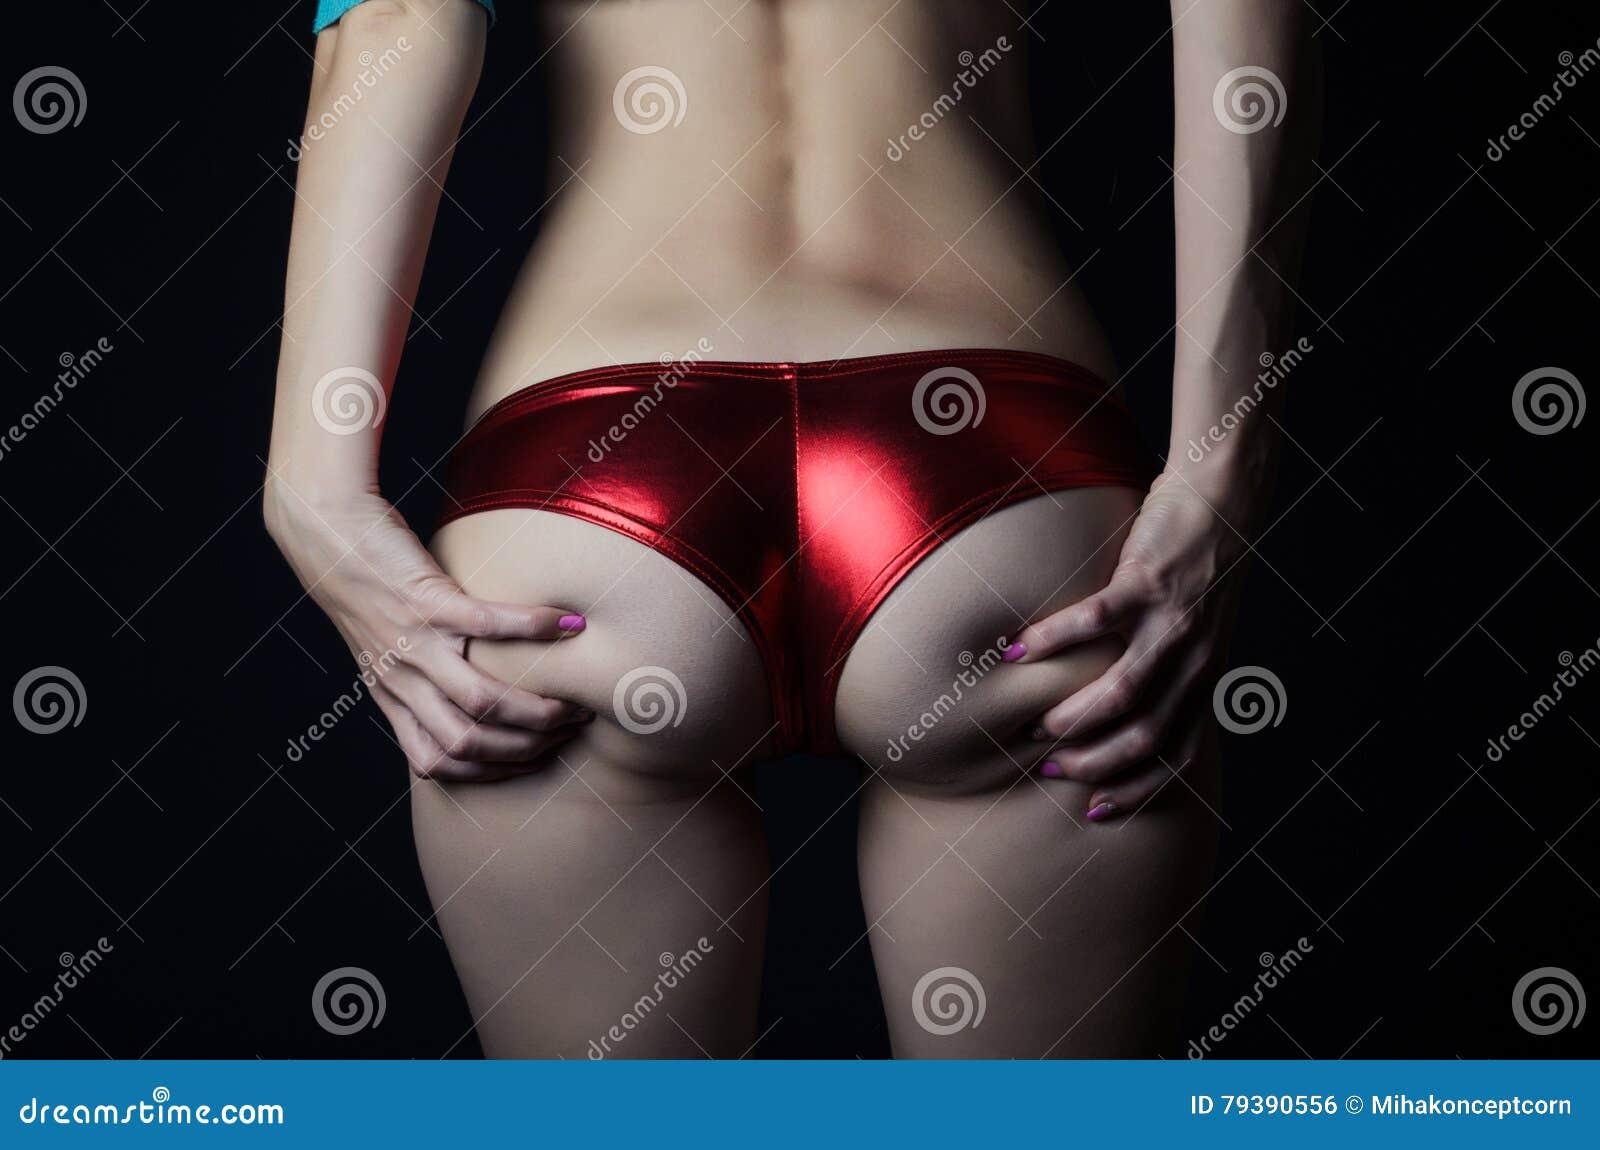 Jasmine byrne anal